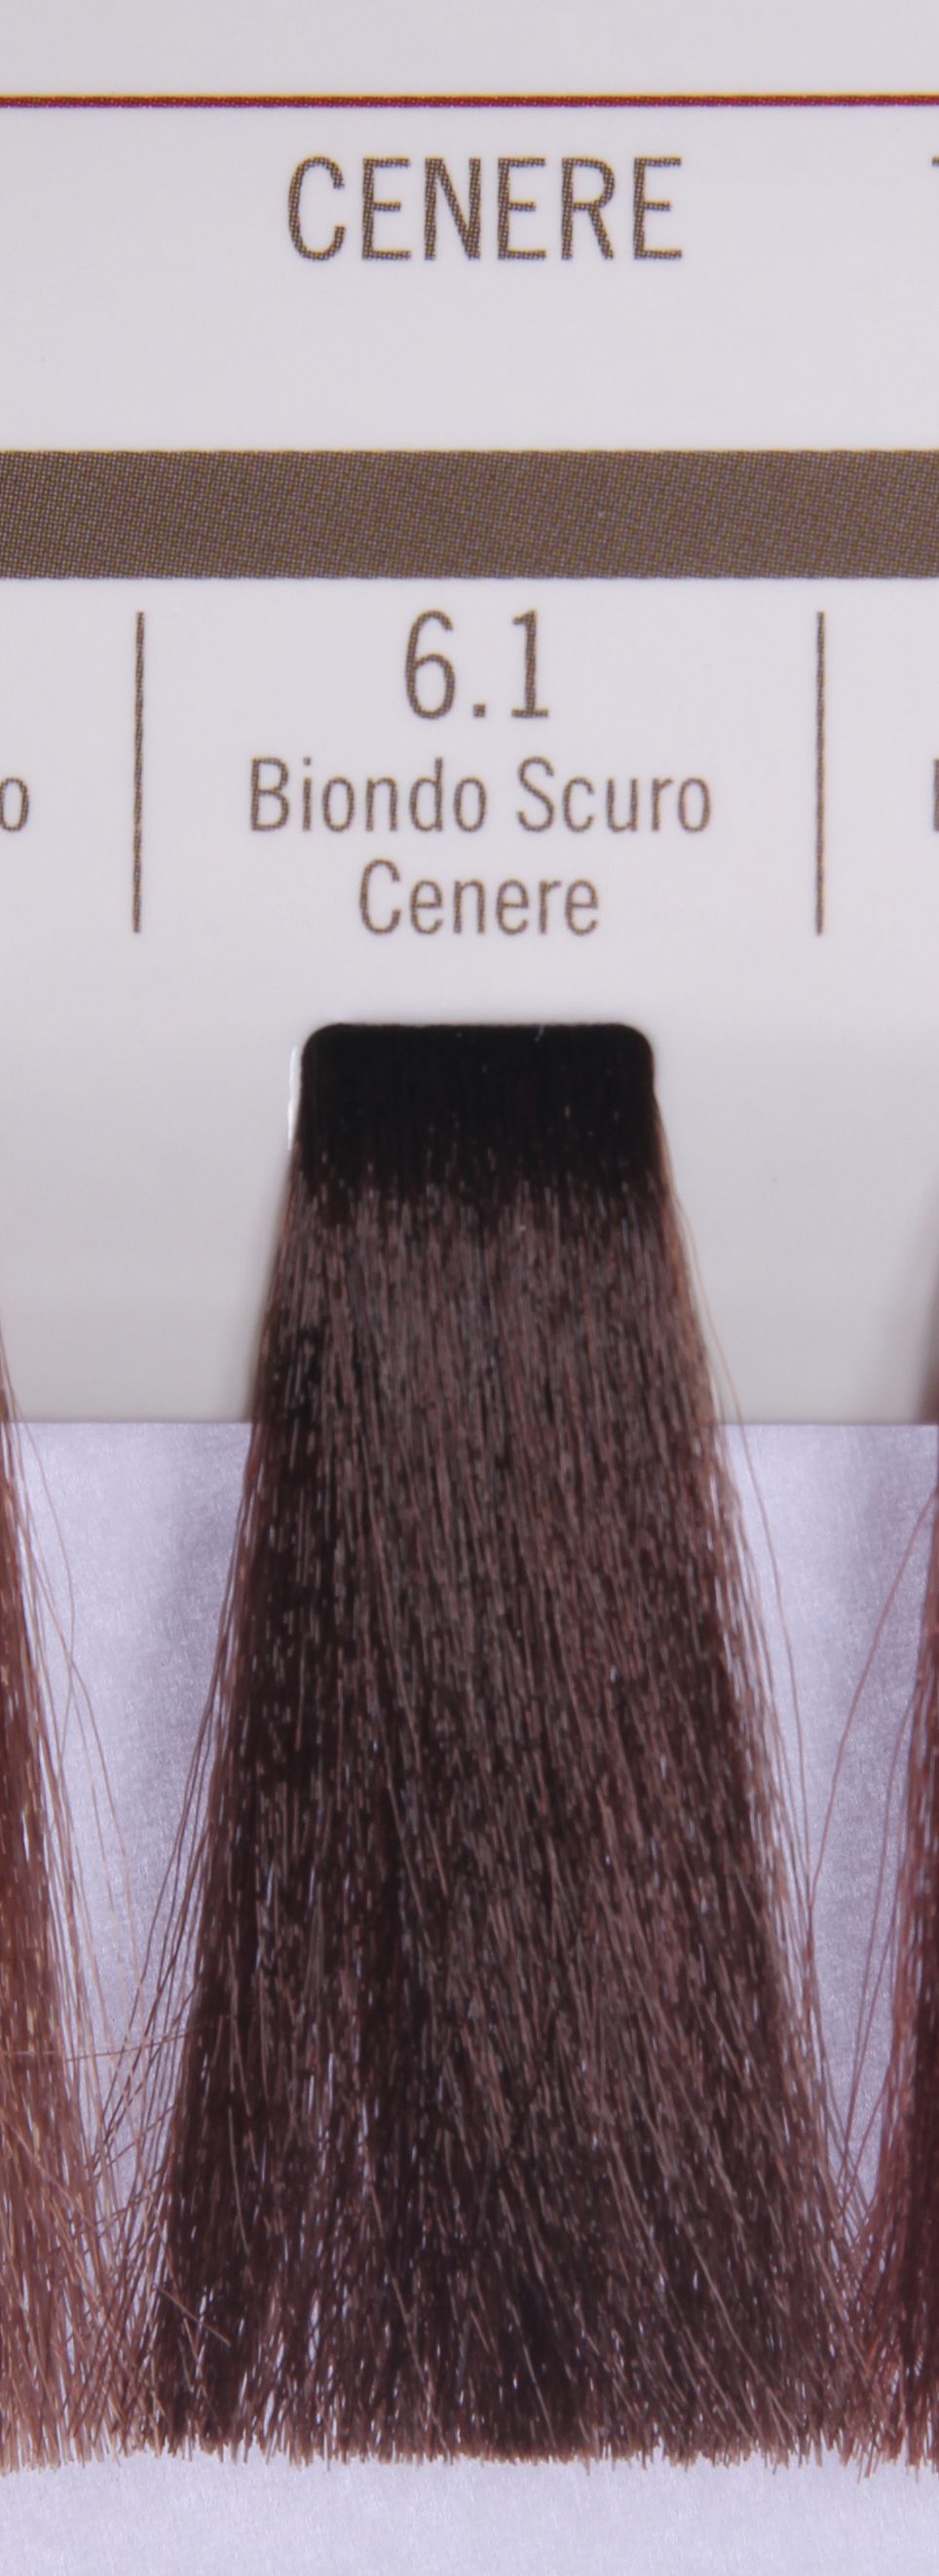 BAREX 6.1 краска для волос / PERMESSE 100млКраски<br>Оттенок: Темный блондин пепельный. Профессиональная крем-краска Permesse отличается низким содержанием аммиака - от 1 до 1,5%. Обеспечивает блестящий и натуральный косметический цвет, 100% покрытие седых волос, идеальное осветление, стойкость и насыщенность цвета до следующего окрашивания. Комплекс сертифицированных органических пептидов M4, входящих в состав, действует с момента нанесения, увлажняя волосы, придавая им прочность и защиту. Пептиды избирательно оседают в самых поврежденных участках волоса, восстанавливая и защищая их. Масло карите оказывает смягчающее и успокаивающее действие. Комплекс пептидов и масло карите стимулируют проникновение пигментов вглубь структуры волоса, придавая им здоровый вид, блеск и долговечность косметическому цвету. Активные ингредиенты:&amp;nbsp;Сертифицированные органические пептиды М4 - пептиды овса, бразильского ореха, сои и пшеницы, объединенные в полифункциональный комплекс, придающий прочность окрашенным волосам, увлажняющий и защищающий их. Сертифицированное органическое масло карите (масло ши) - богато жирными кислотами, экстрагируется из ореха африканского дерева карите. Оказывает смягчающий и целебный эффект на кожу и волосы, широко применяется в косметической индустрии. Масло карите защищает волосы от неблагоприятного воздействия внешней среды, интенсивно увлажняет кожу и волосы, т.к. обладает высокой степенью абсорбции, не забивает поры. Способ применения:&amp;nbsp;Крем-краска готовится в смеси с Молочком-оксигентом Permesse 10/20/30/40 объемов в соотношении 1:1 (например, 50 мл крем-краски + 50 мл молочка-оксигента). Молочко-оксигент работает в сочетании с крем-краской и гарантирует идеальное проявление краски. Тюбик крем-краски Permesse содержит 100 мл продукта, количество, достаточное для 2 полных нанесений. Всегда надевайте подходящие специальные перчатки перед подготовкой и нанесением краски. Подготавливайте смесь крем-краски и молочка-оксигента Permesse в нем